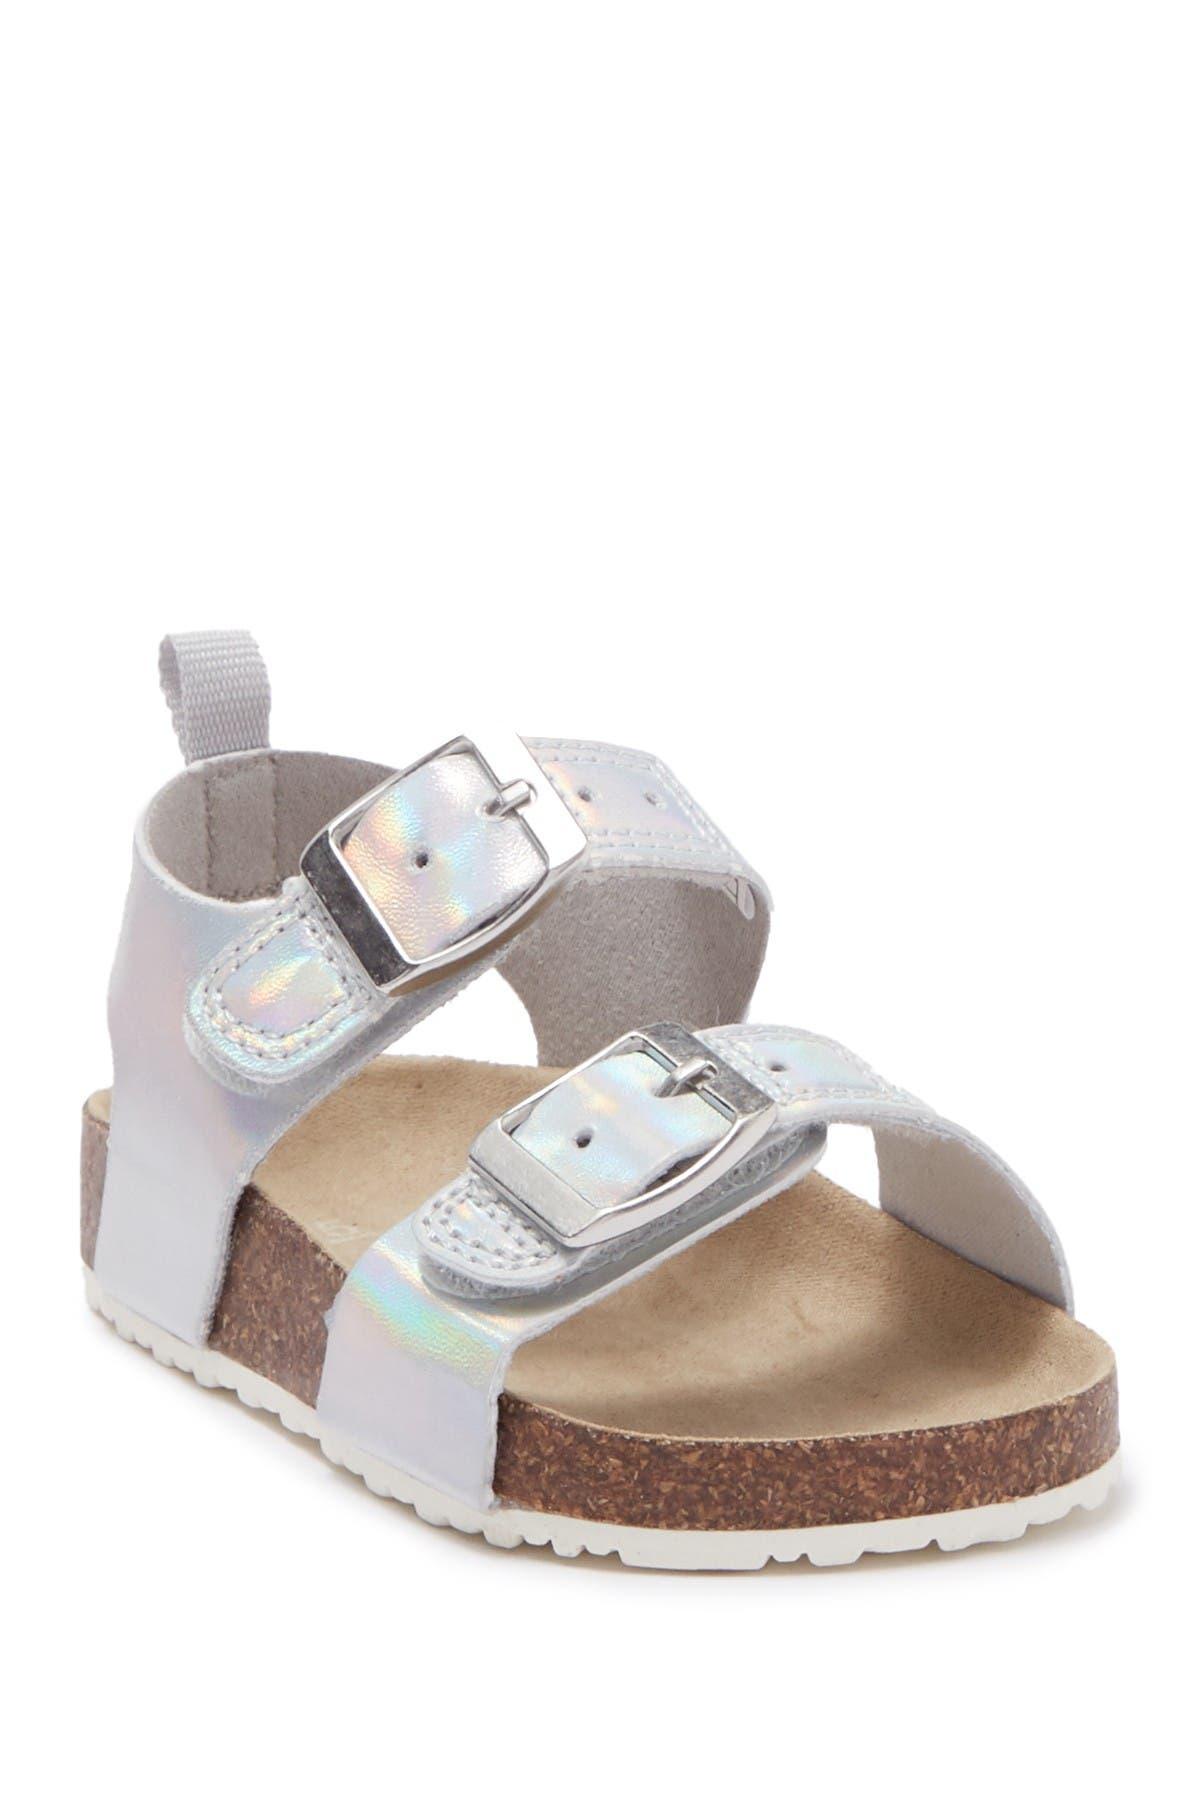 Kid/'s Carter/'s DUNCAN Rose Gold Buckle Strap Sandal Shoes